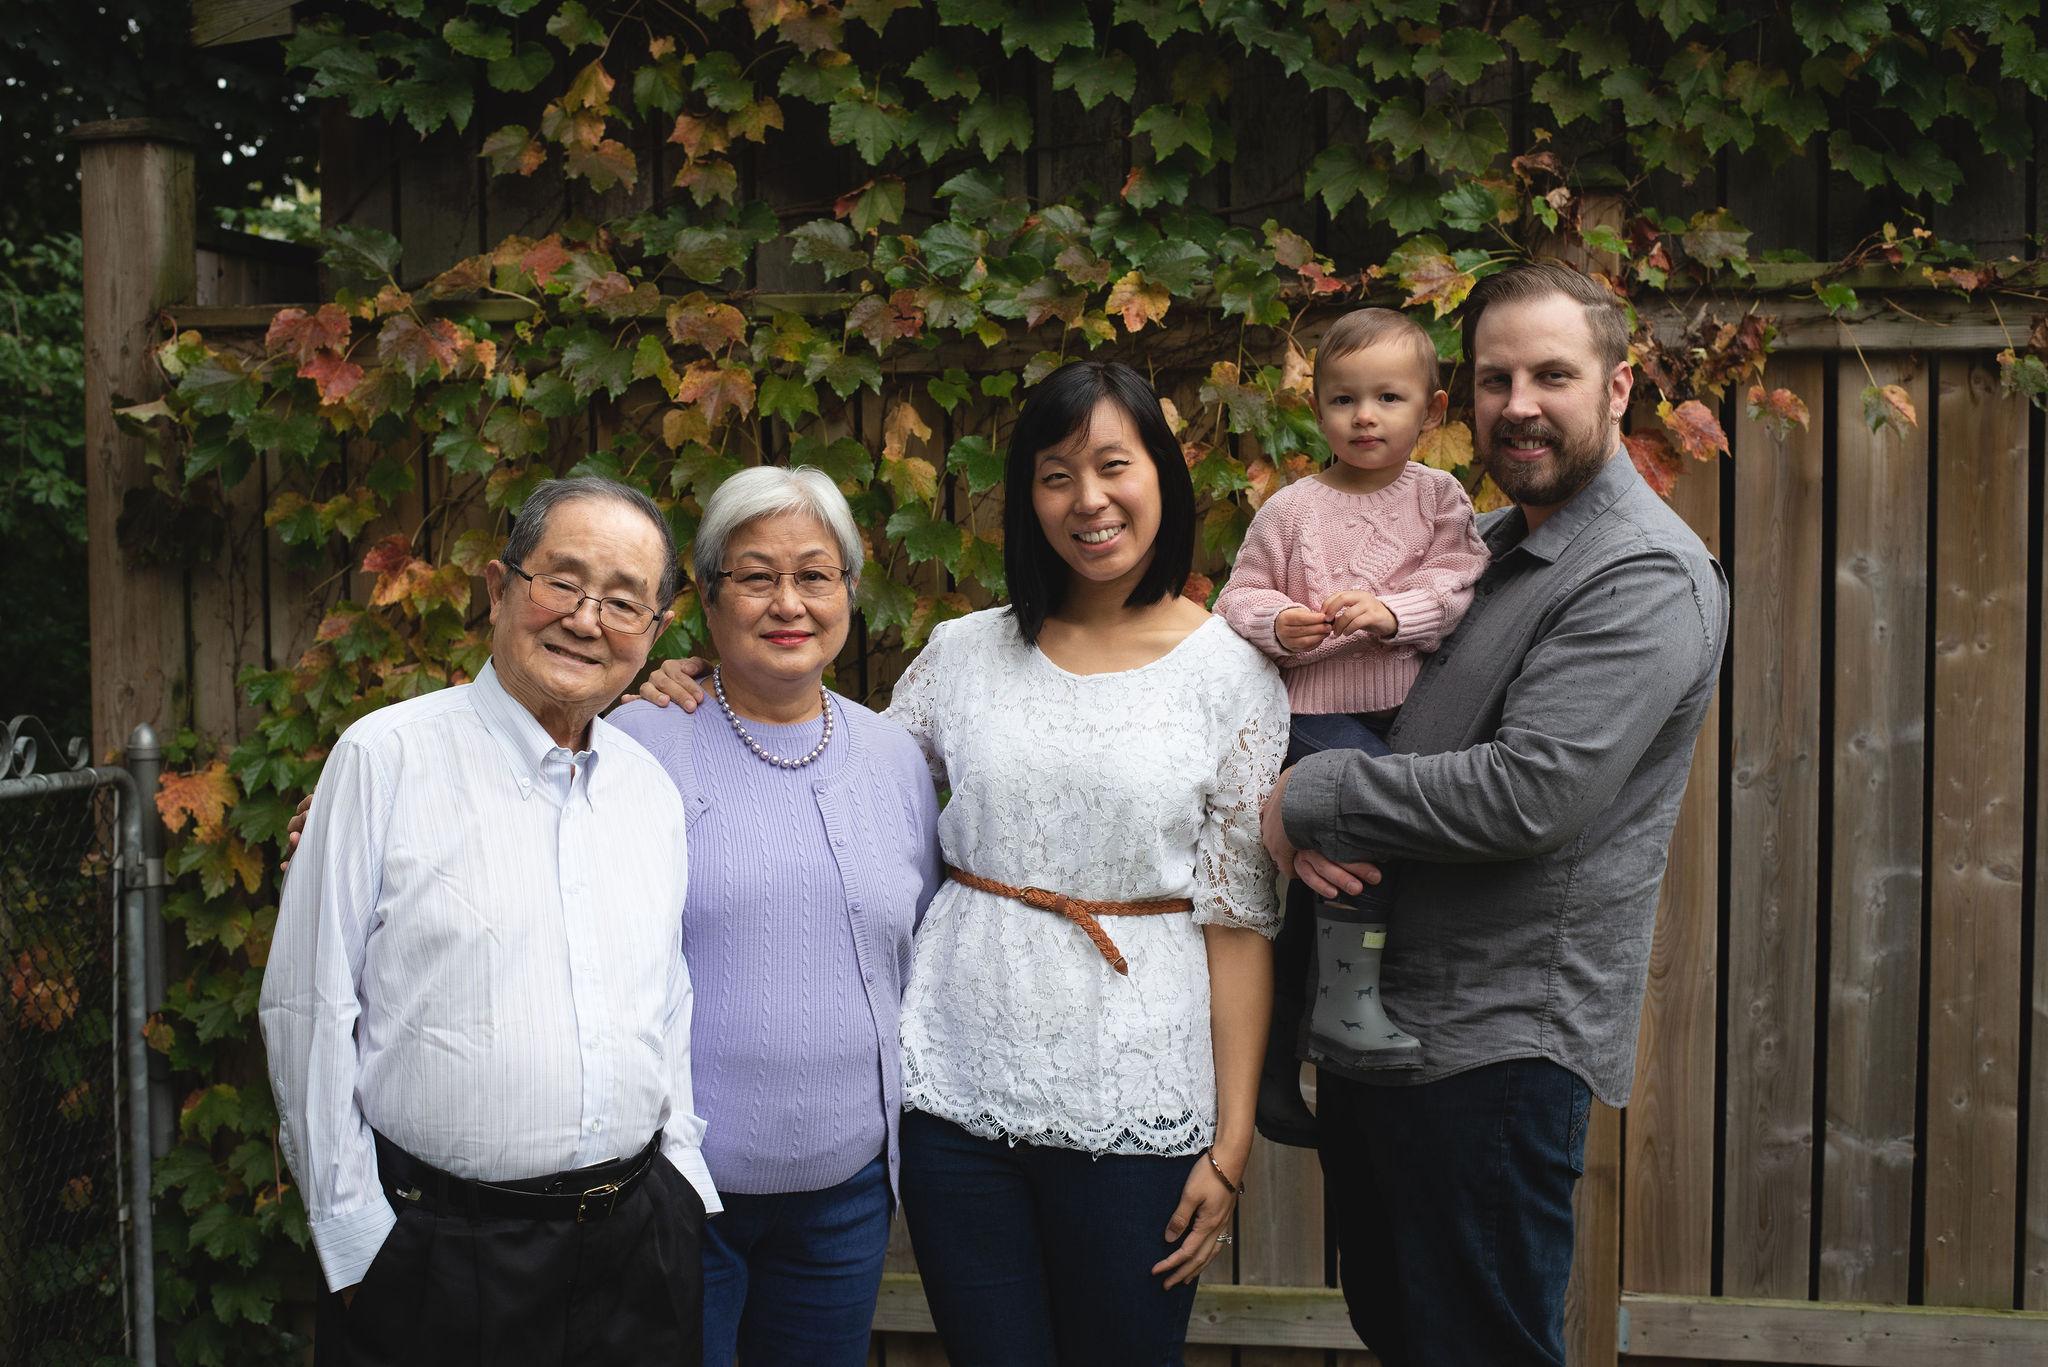 3 generation family photo